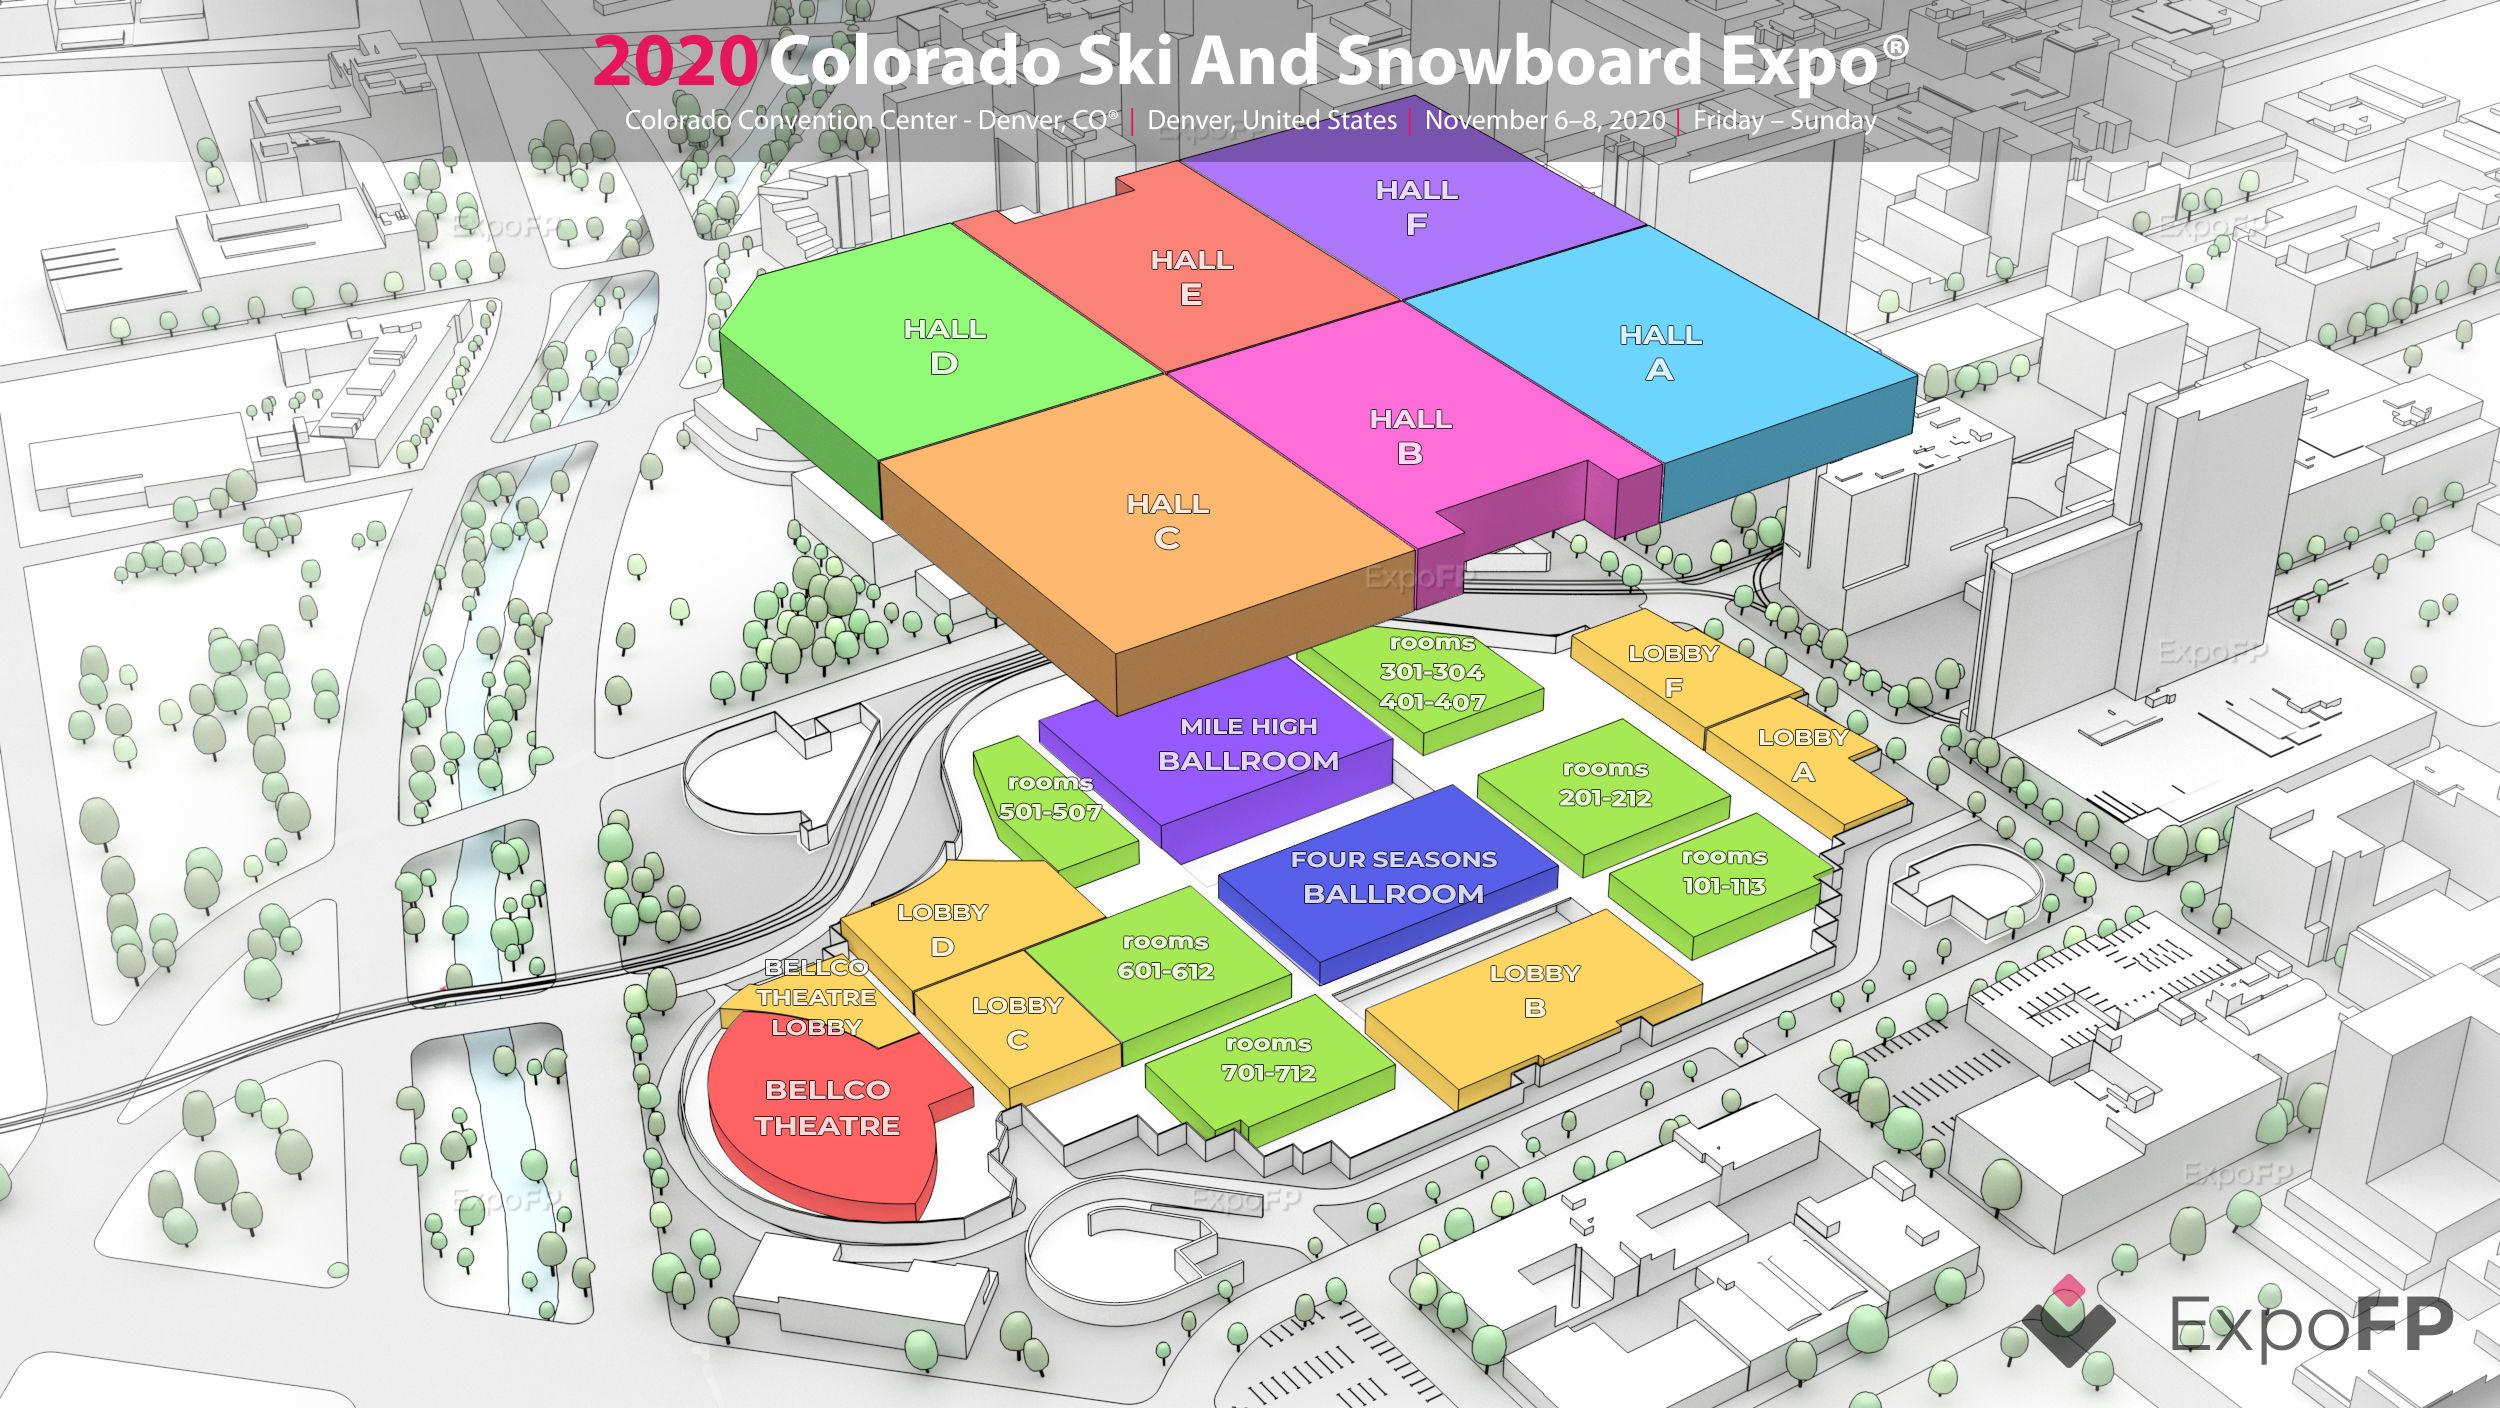 Colorado Ski And Snowboard Expo 2020 In Colorado Convention Center Denver Co